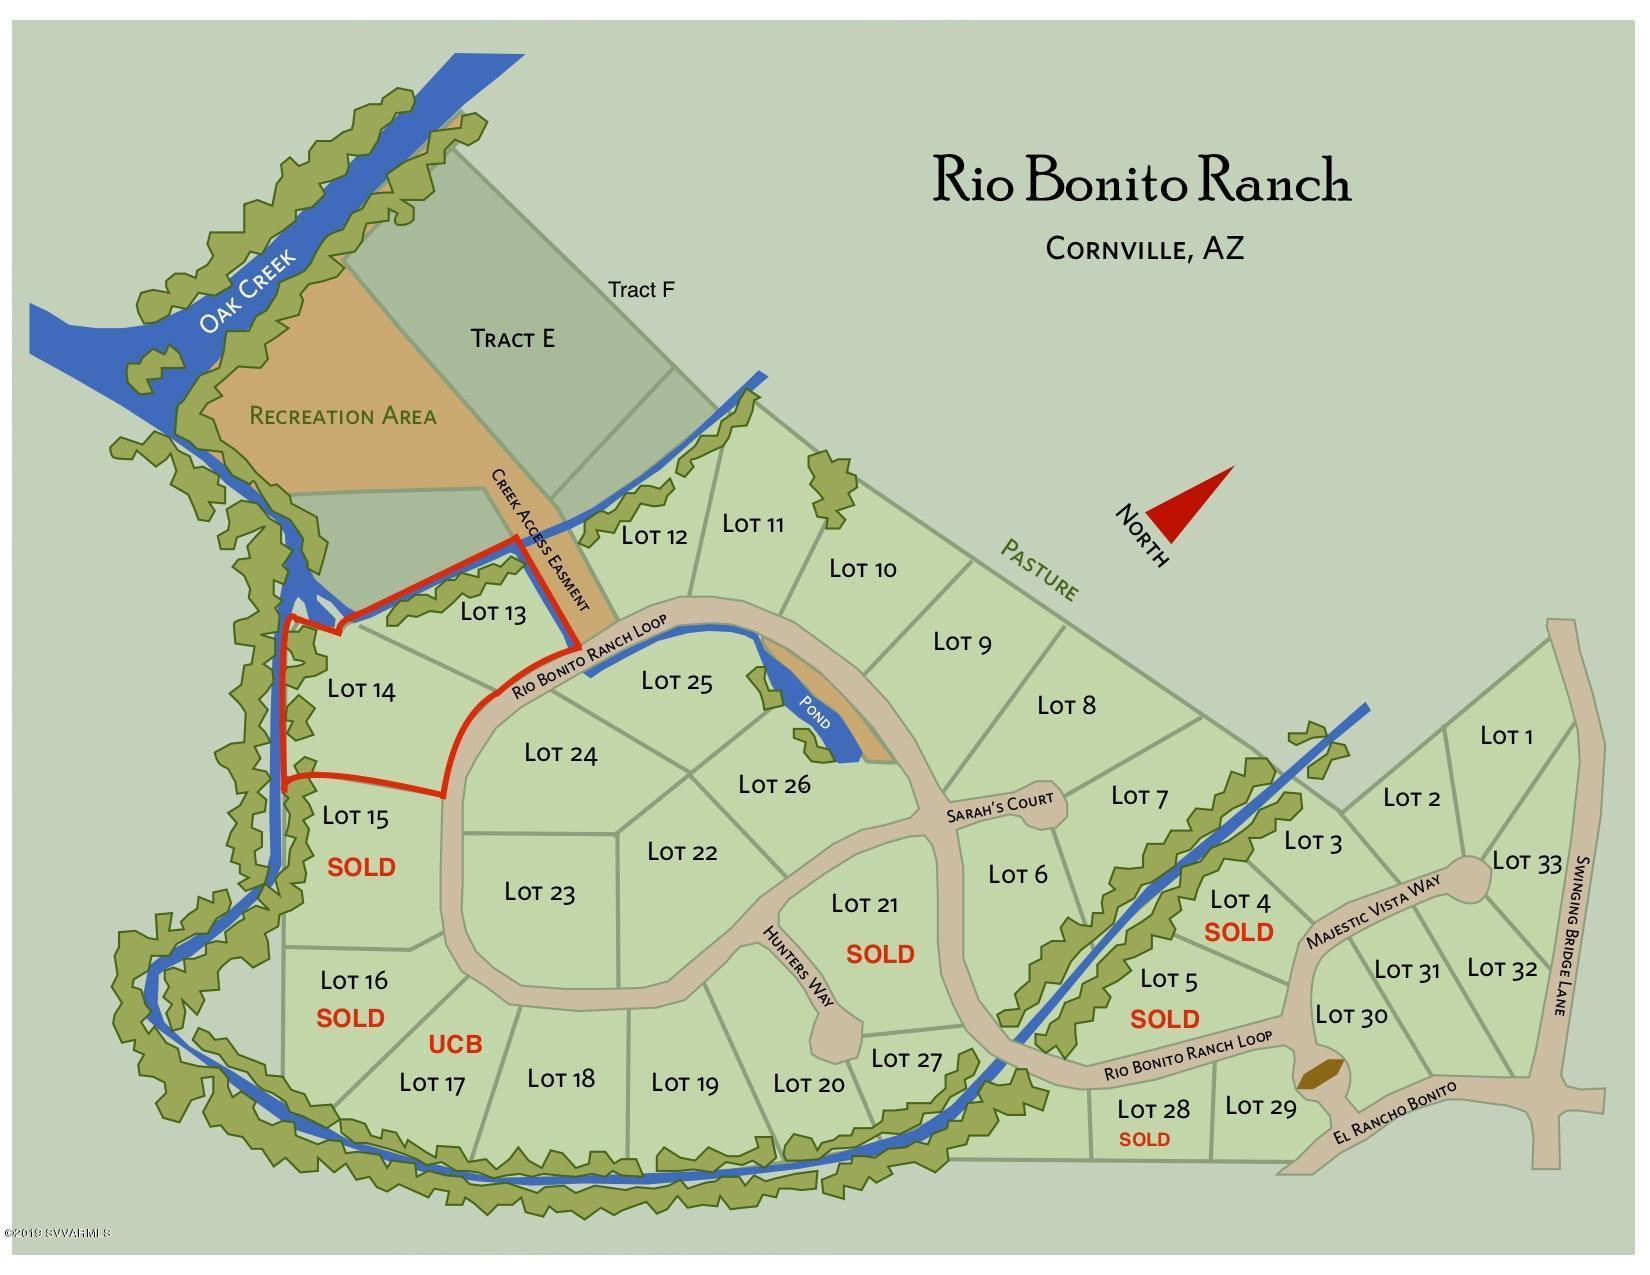 310 S Bonito Ranch Cornville, AZ 86325